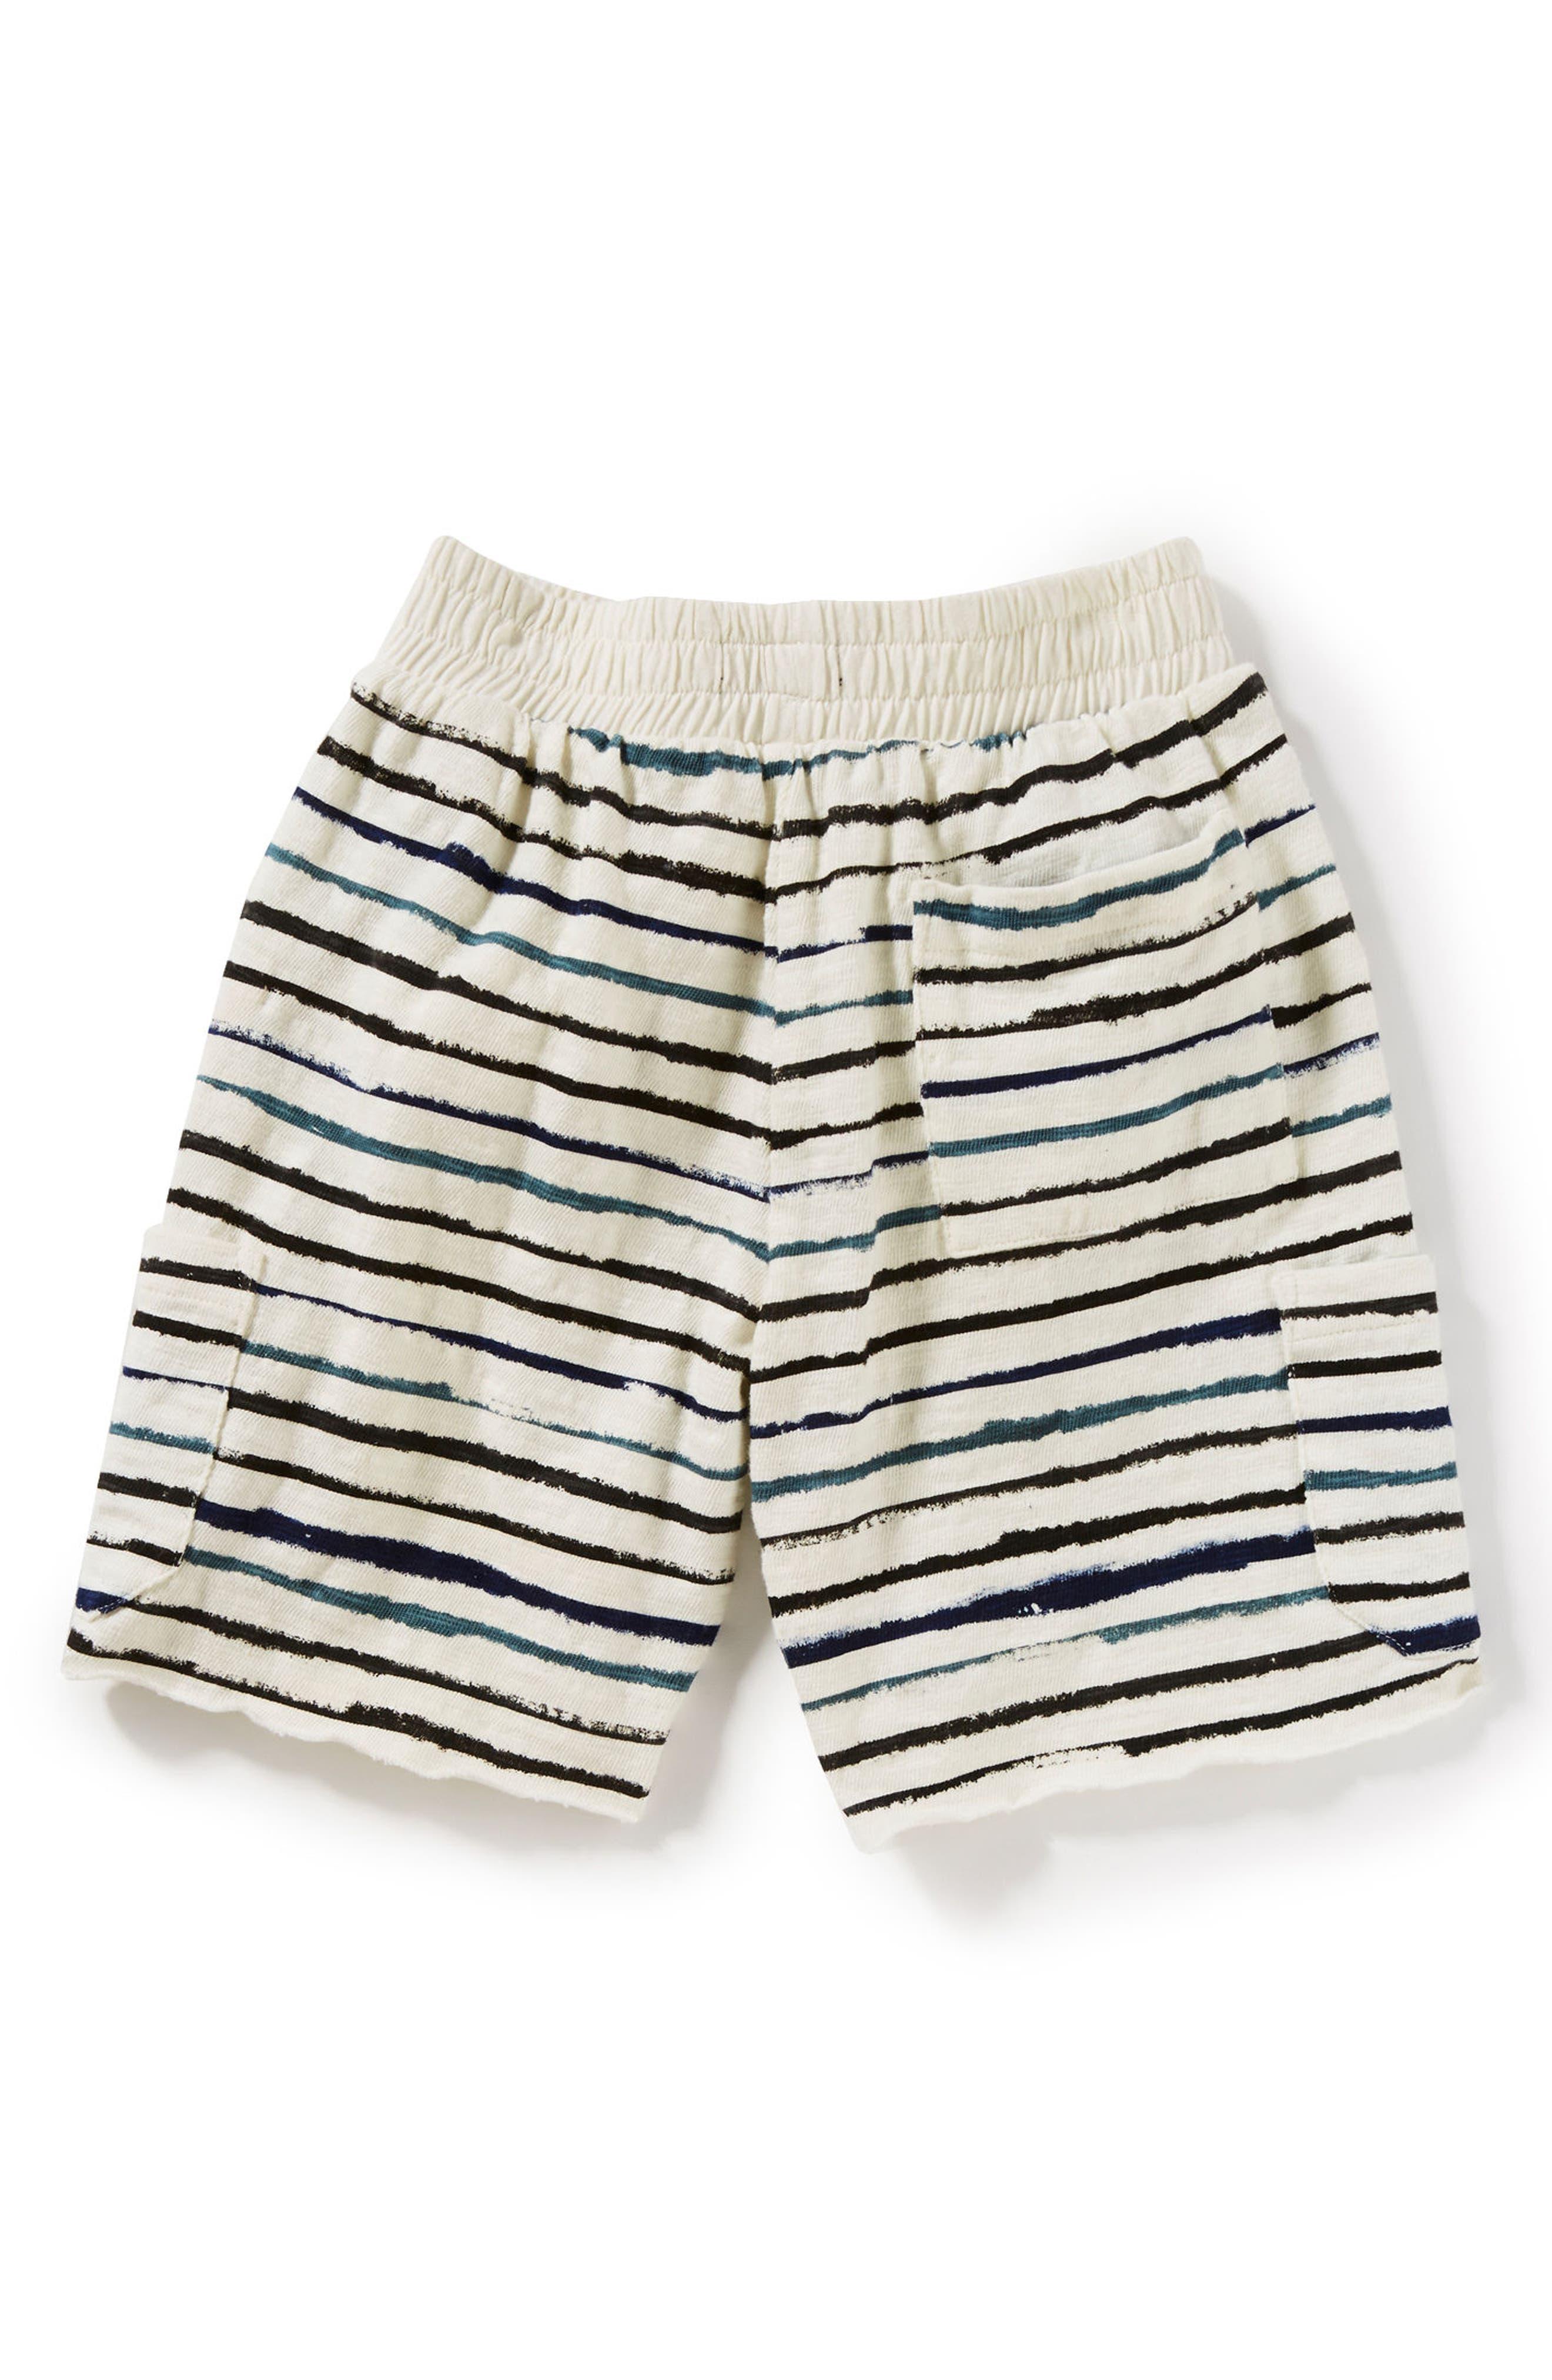 Peek Asher Stripe Shorts,                             Alternate thumbnail 2, color,                             900